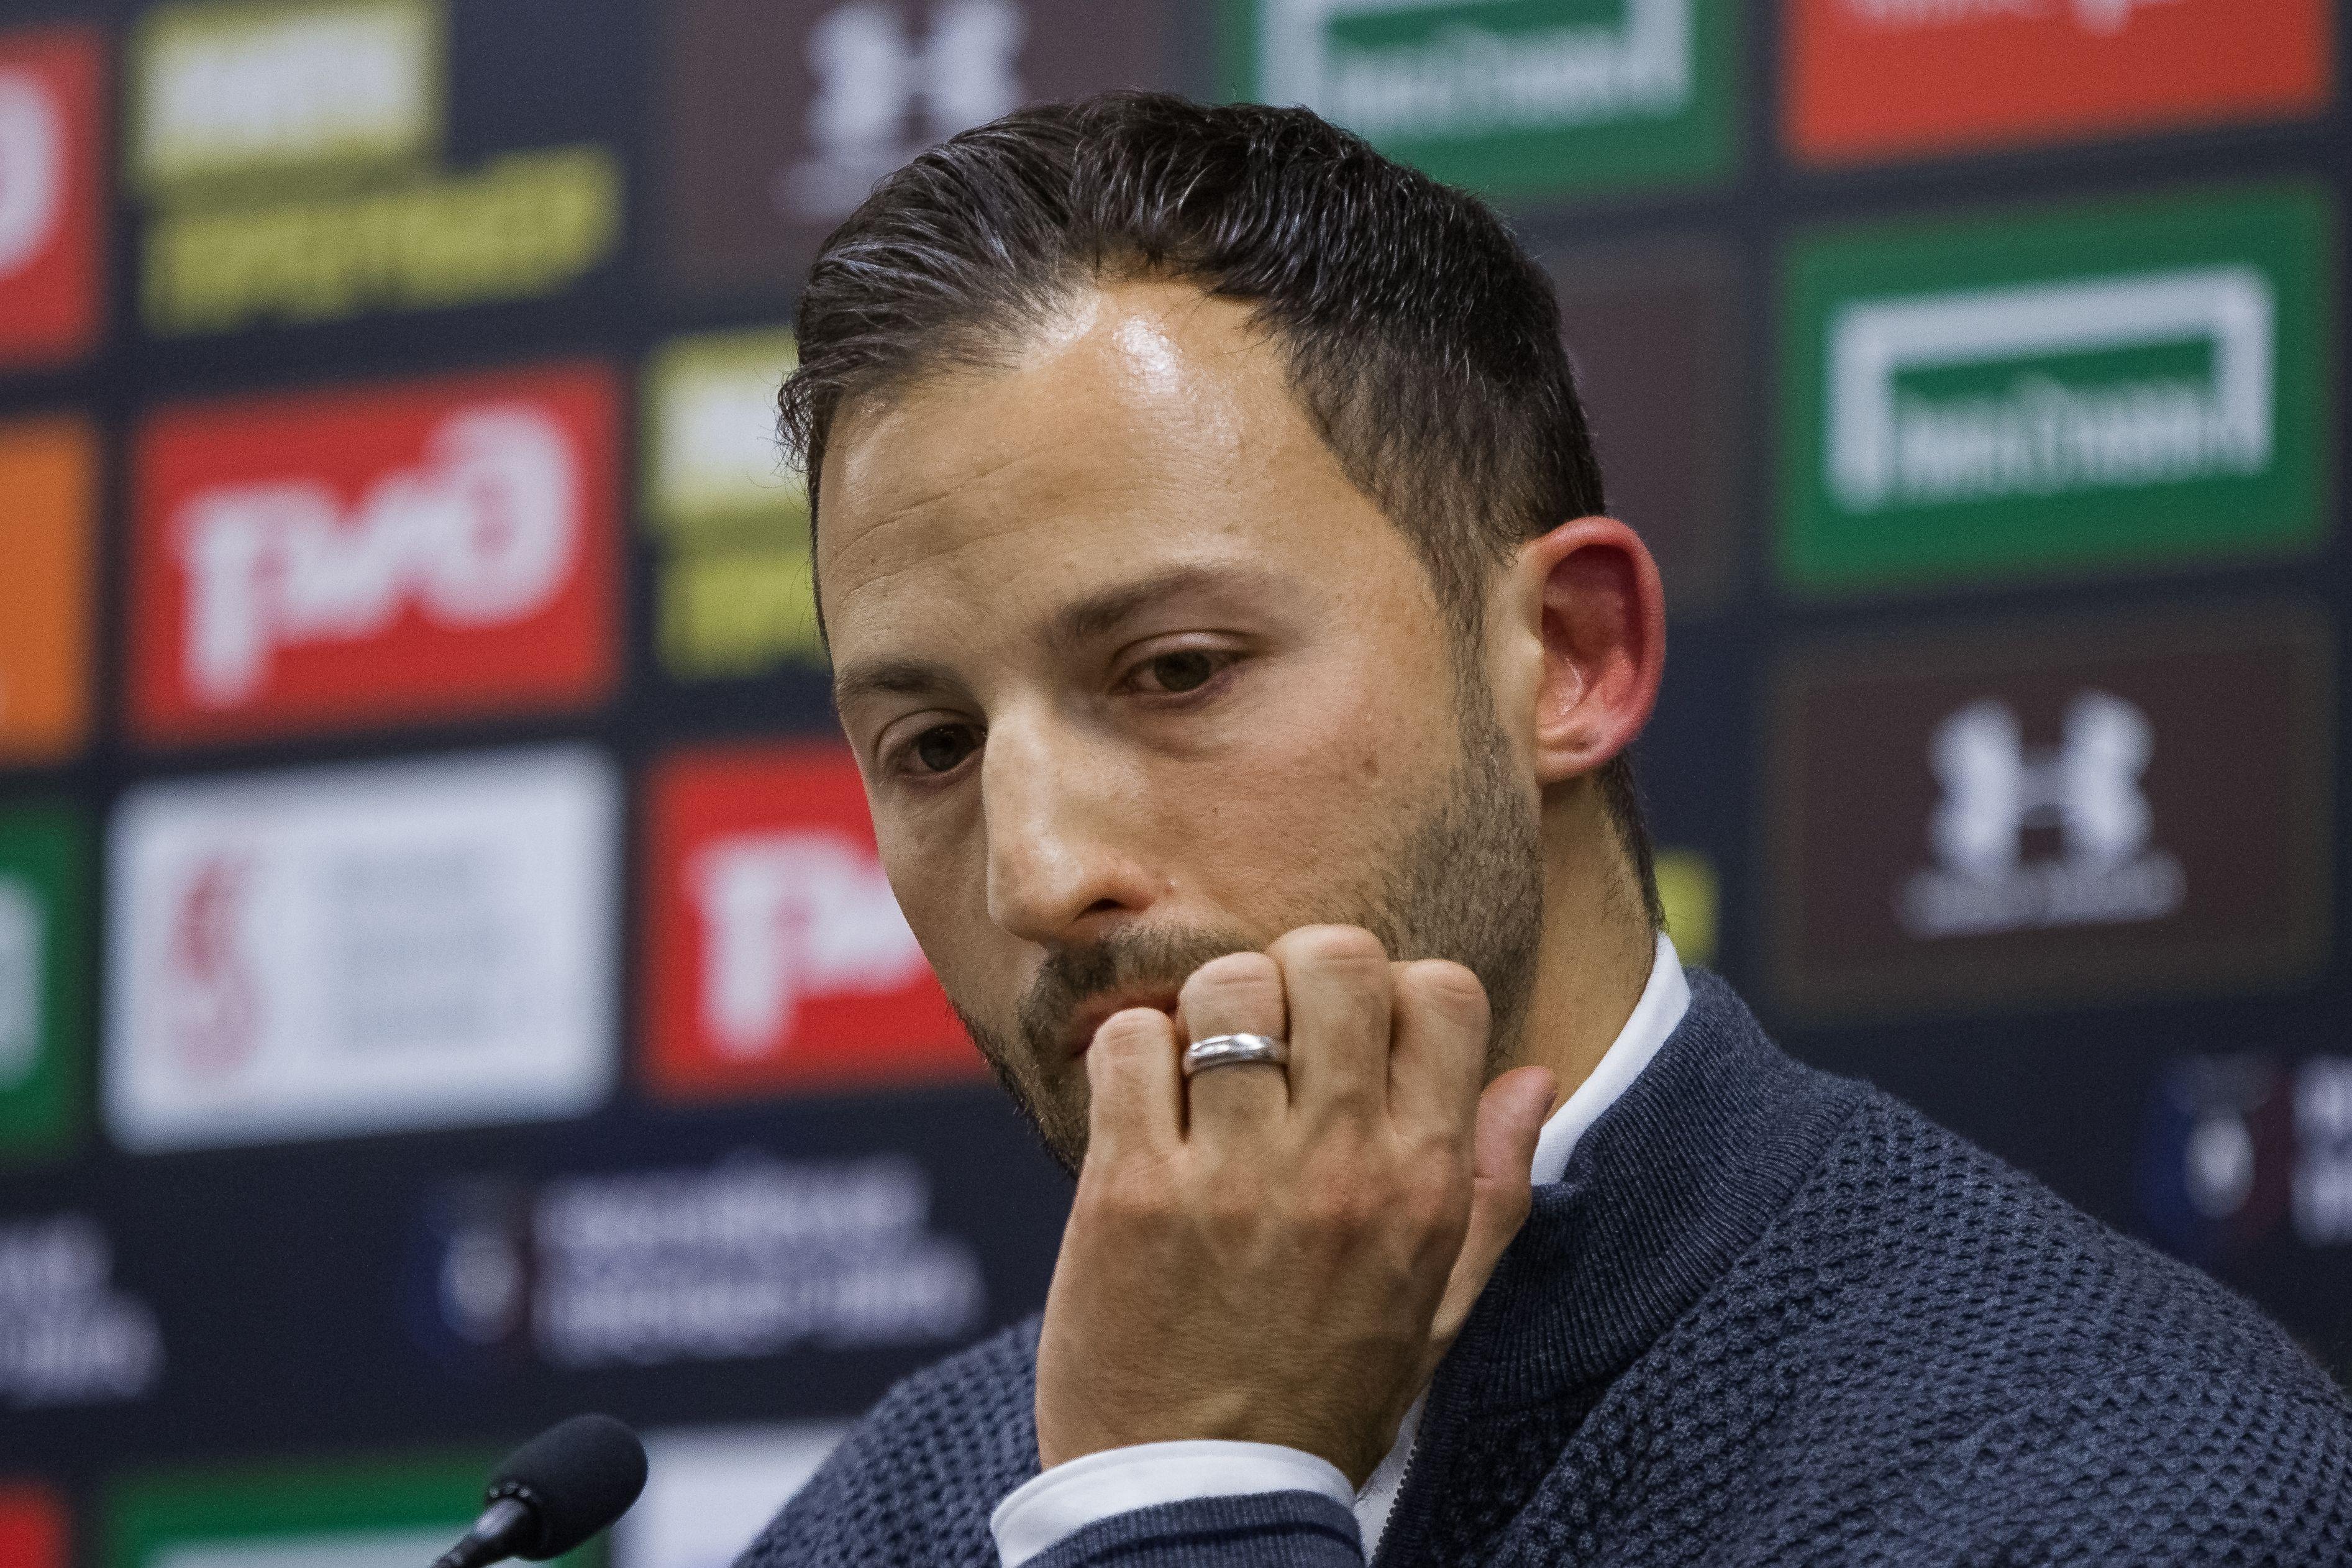 Тихонов: 'Дзюба называл одного специалиста 'тренеришкой', а он три раза подряд выиграл Лигу Европы'